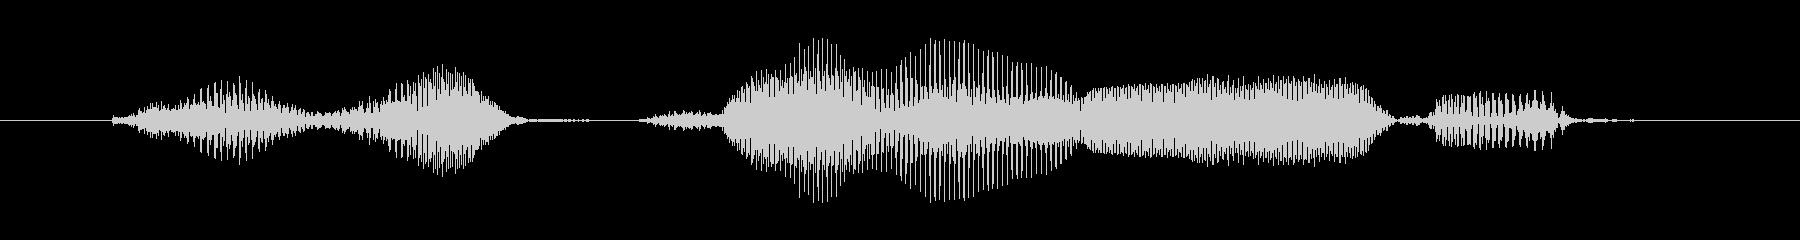 続きを見るの未再生の波形